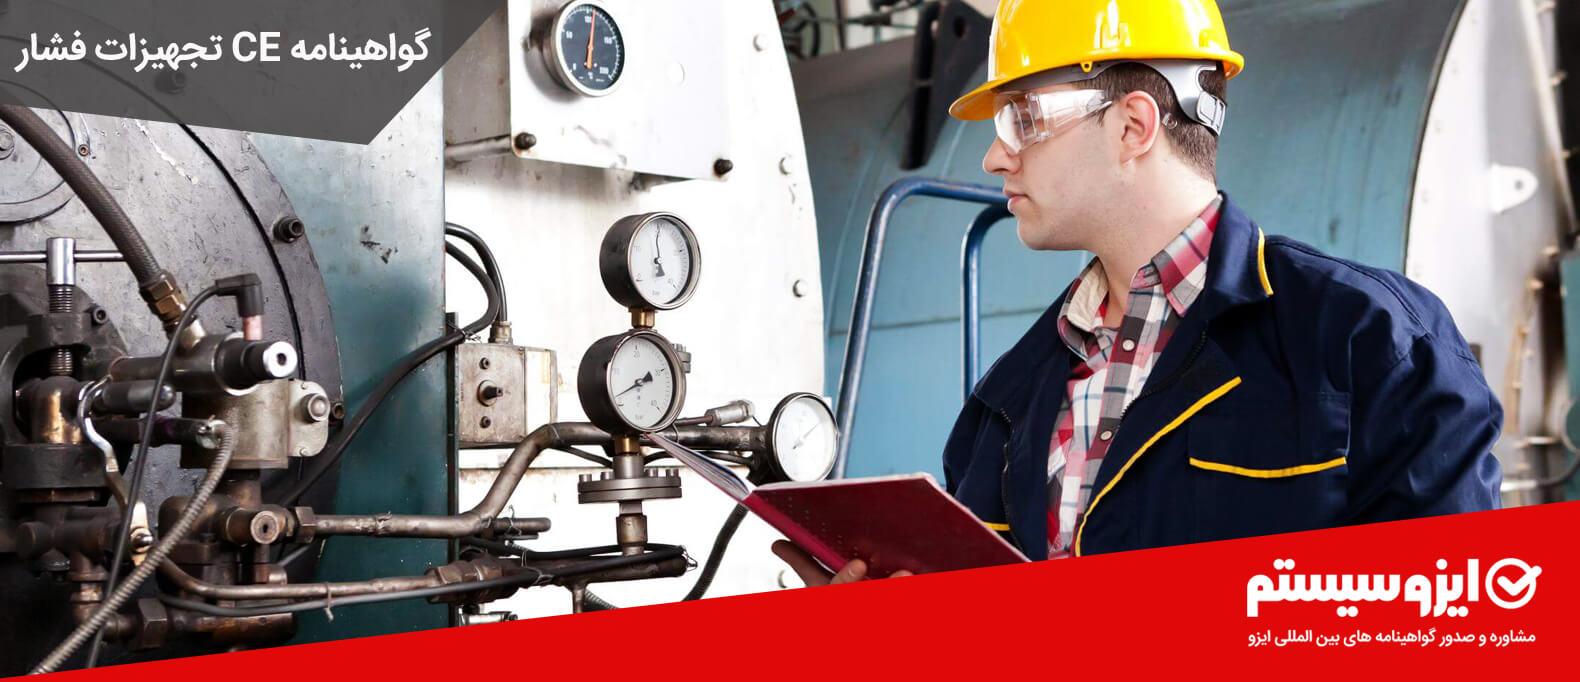 گواهینامه CE تجهیزات فشار